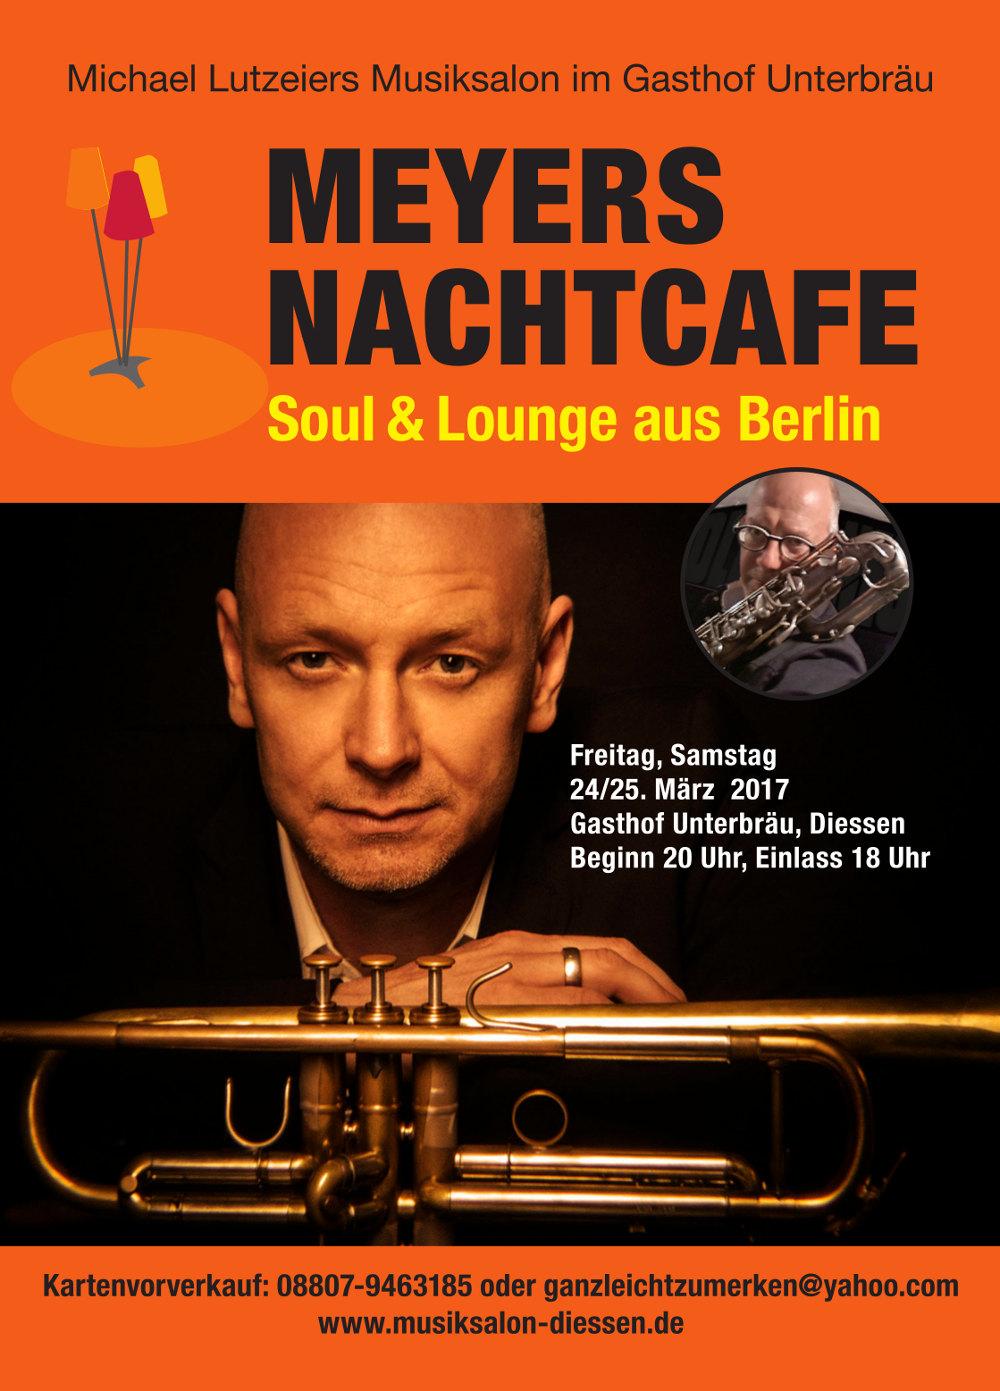 Meyer's Nachtcafe im Musiksalon Diessen, 24/25 März 2017